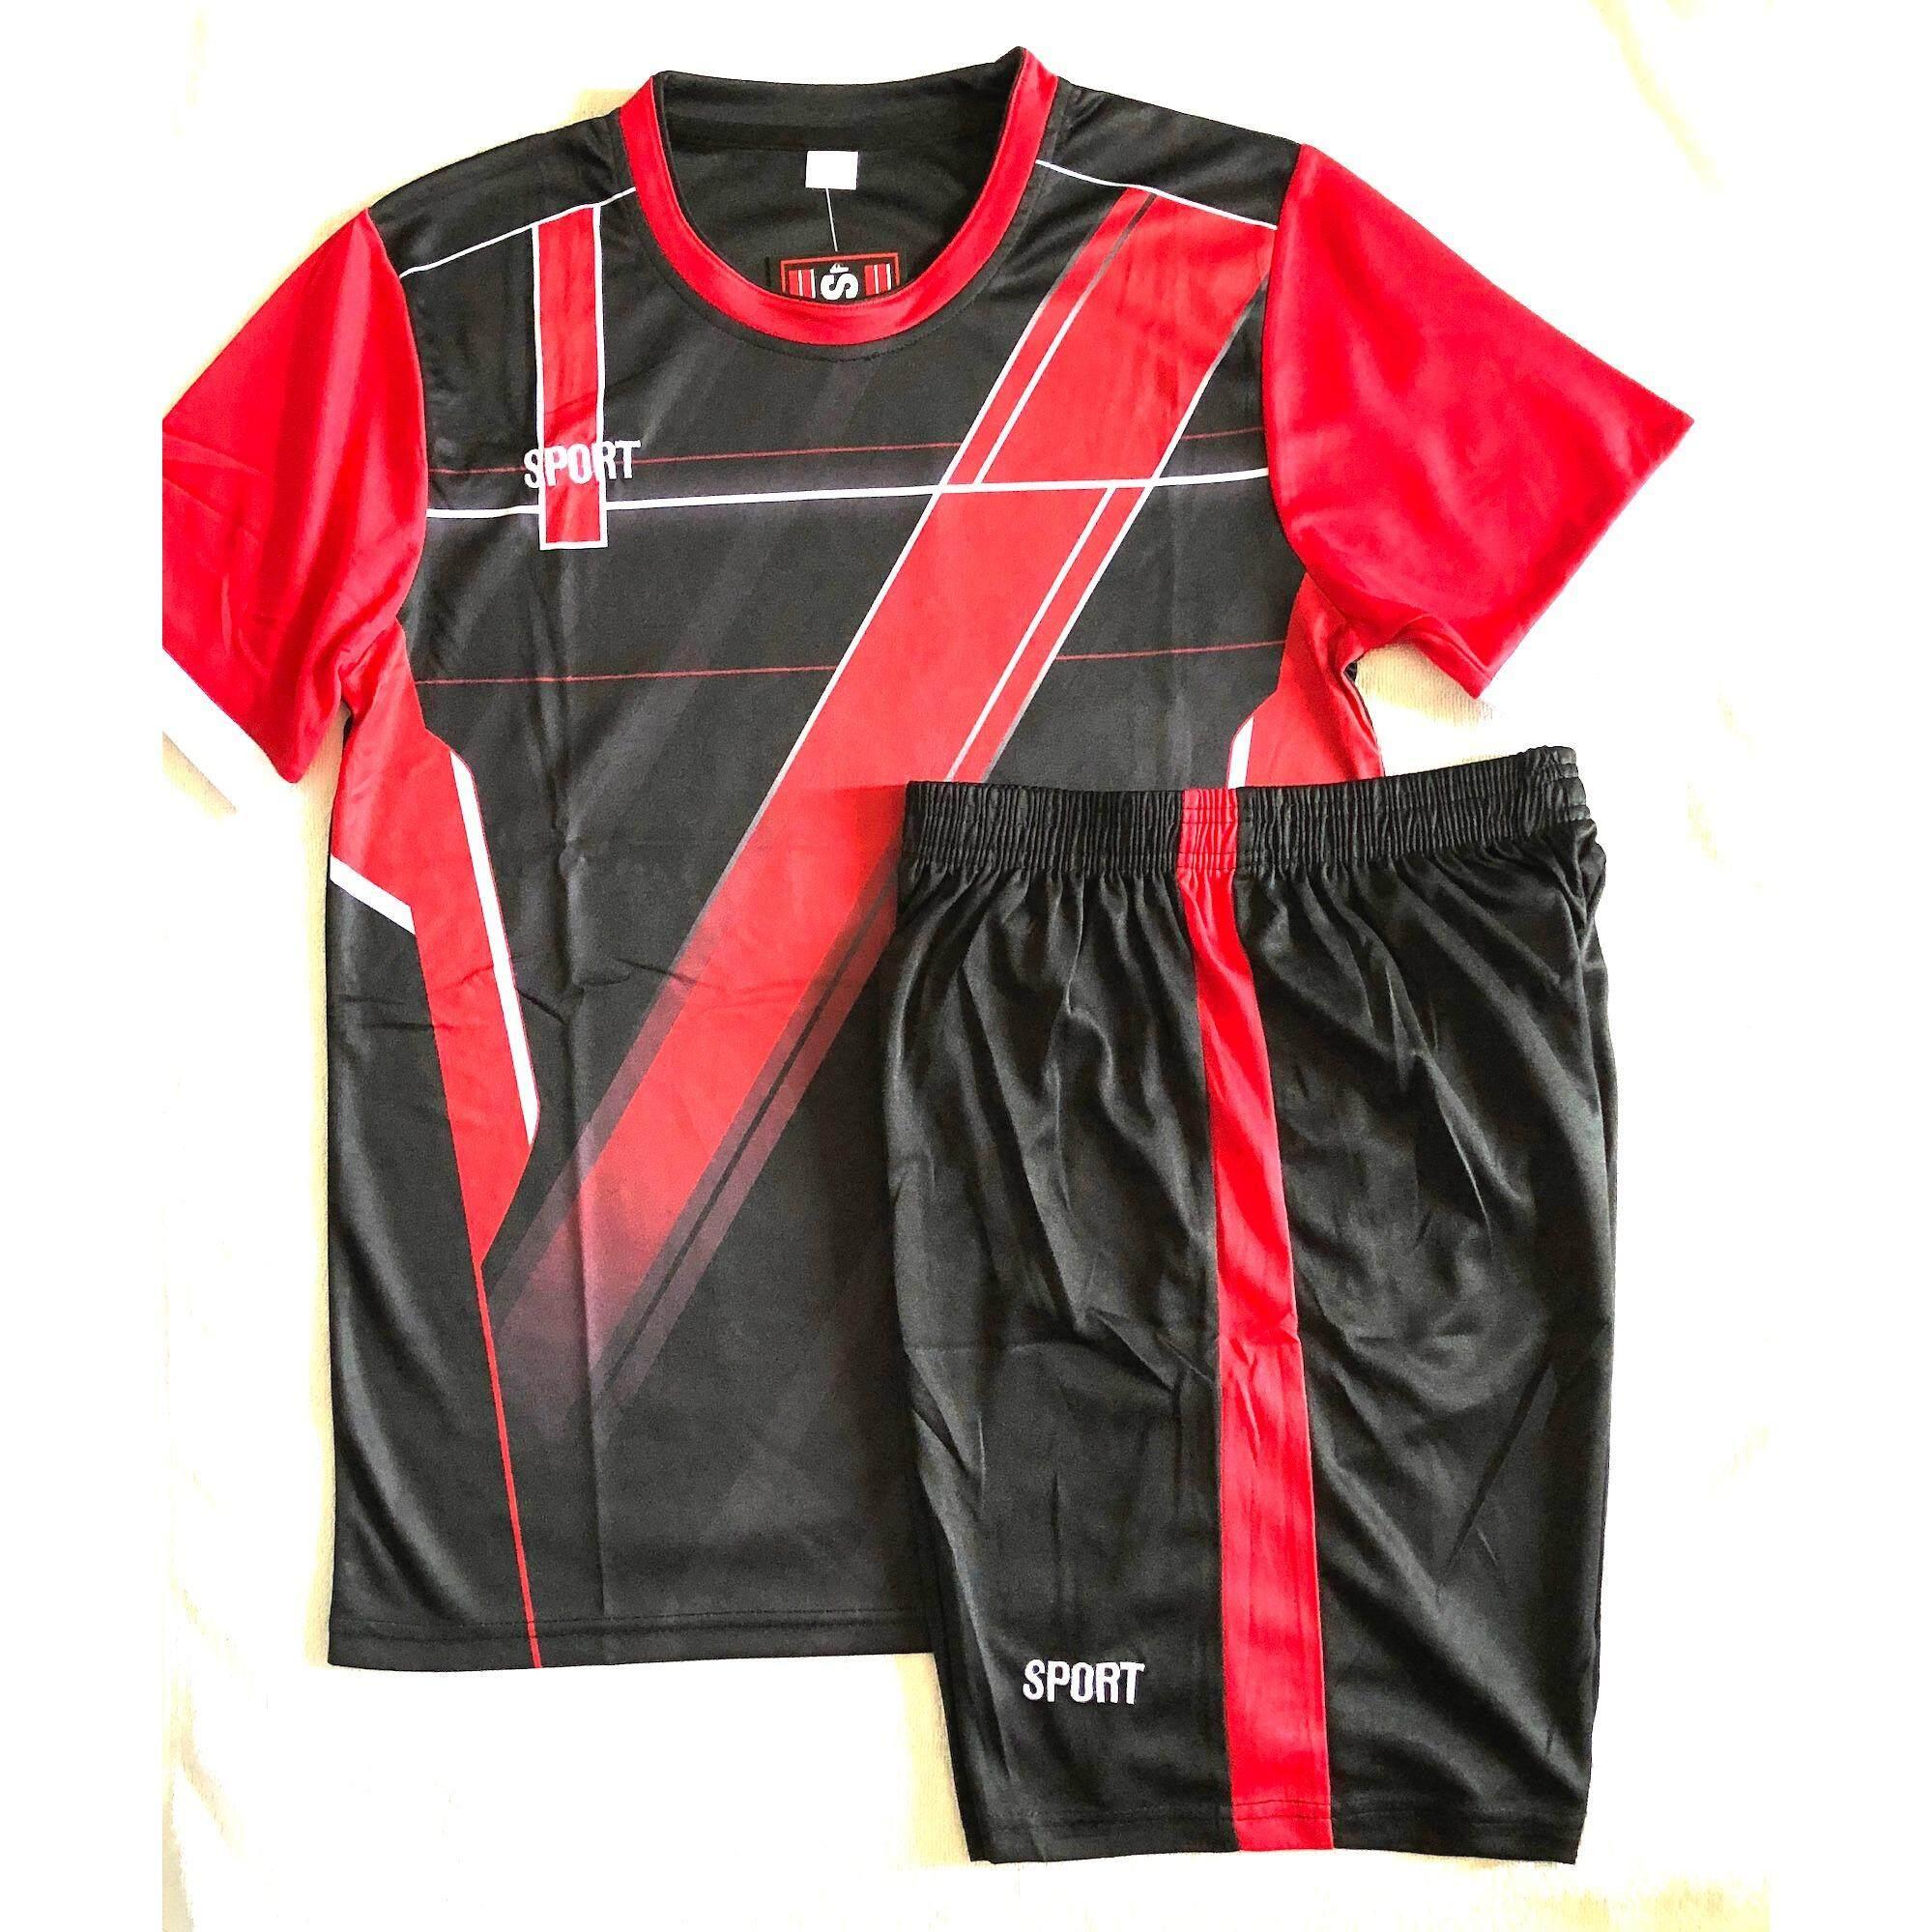 ส่วนลด Sports ชุดฟุตบอลสำหรับผู้ใหญ่ เสื้อ กางเกง สีดำแต่งแดง Model7